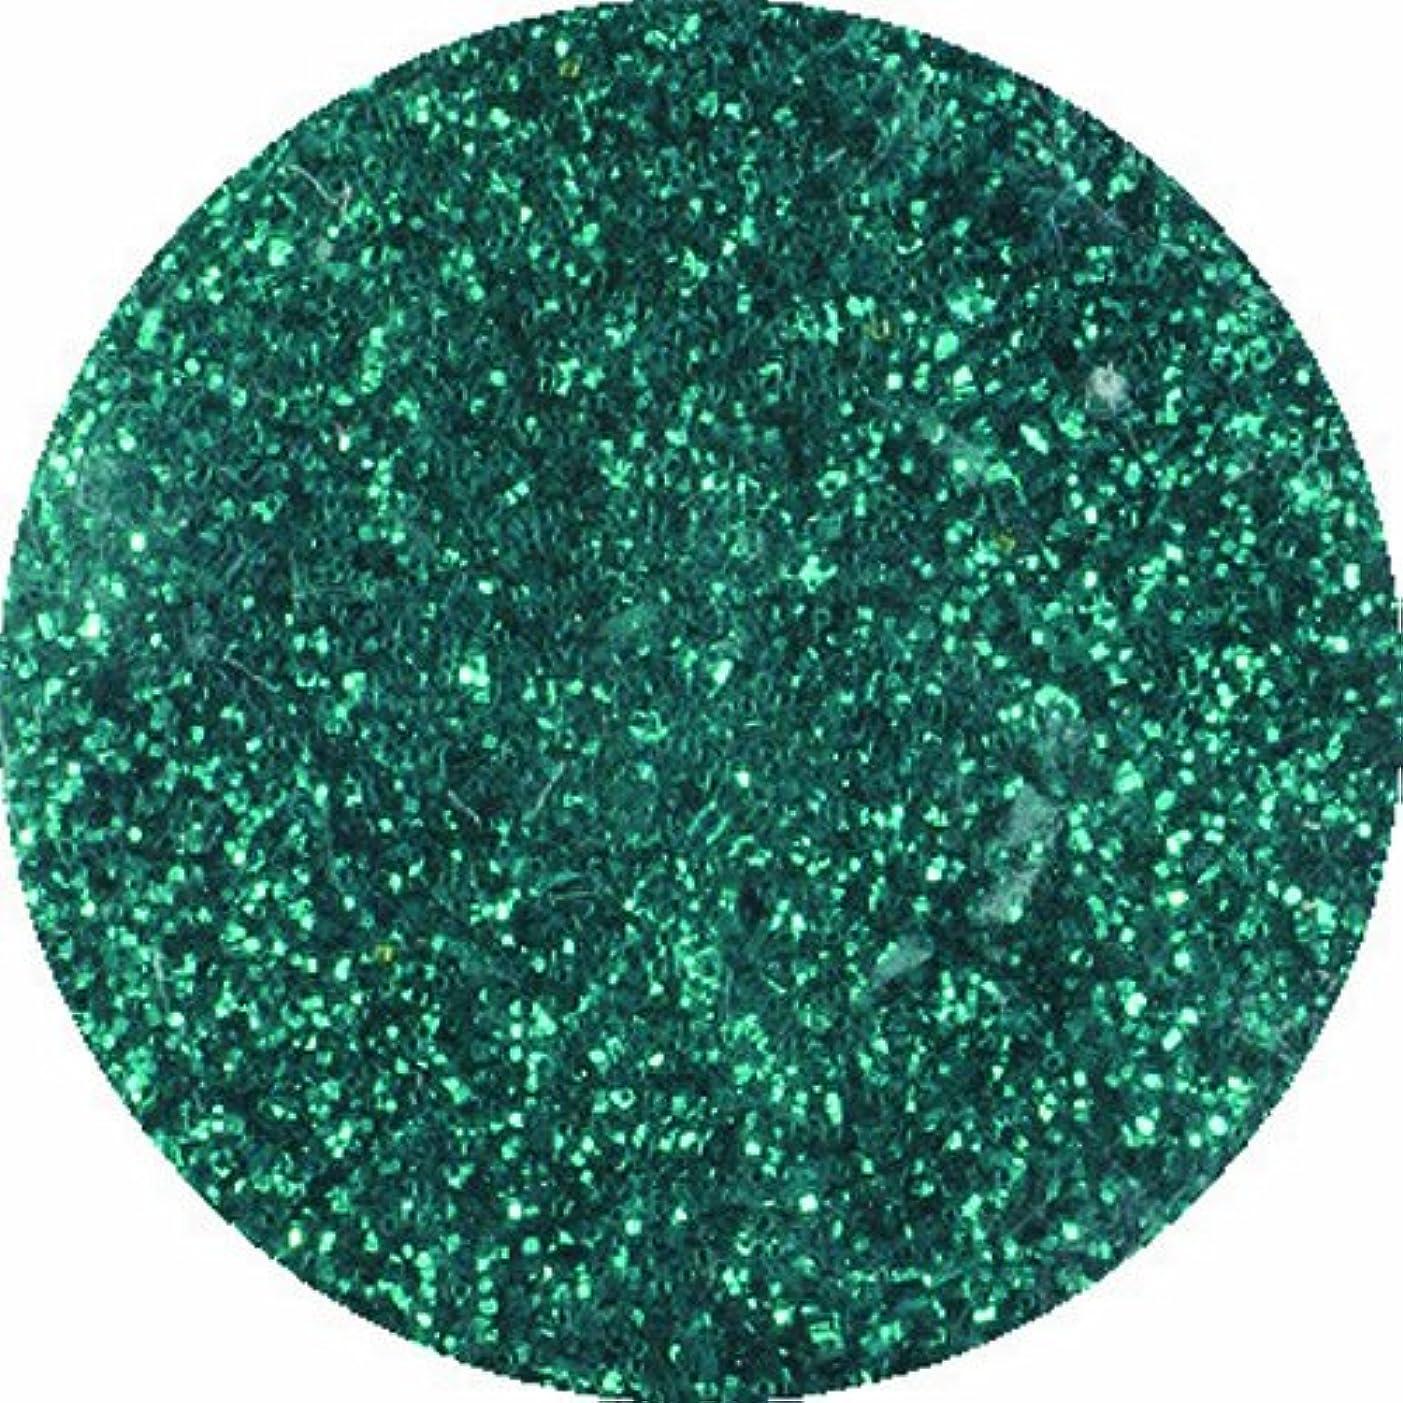 お地平線有効ビューティーネイラー ネイル用パウダー 黒崎えり子 ジュエリーコレクション ブルーグリーン0.05mm